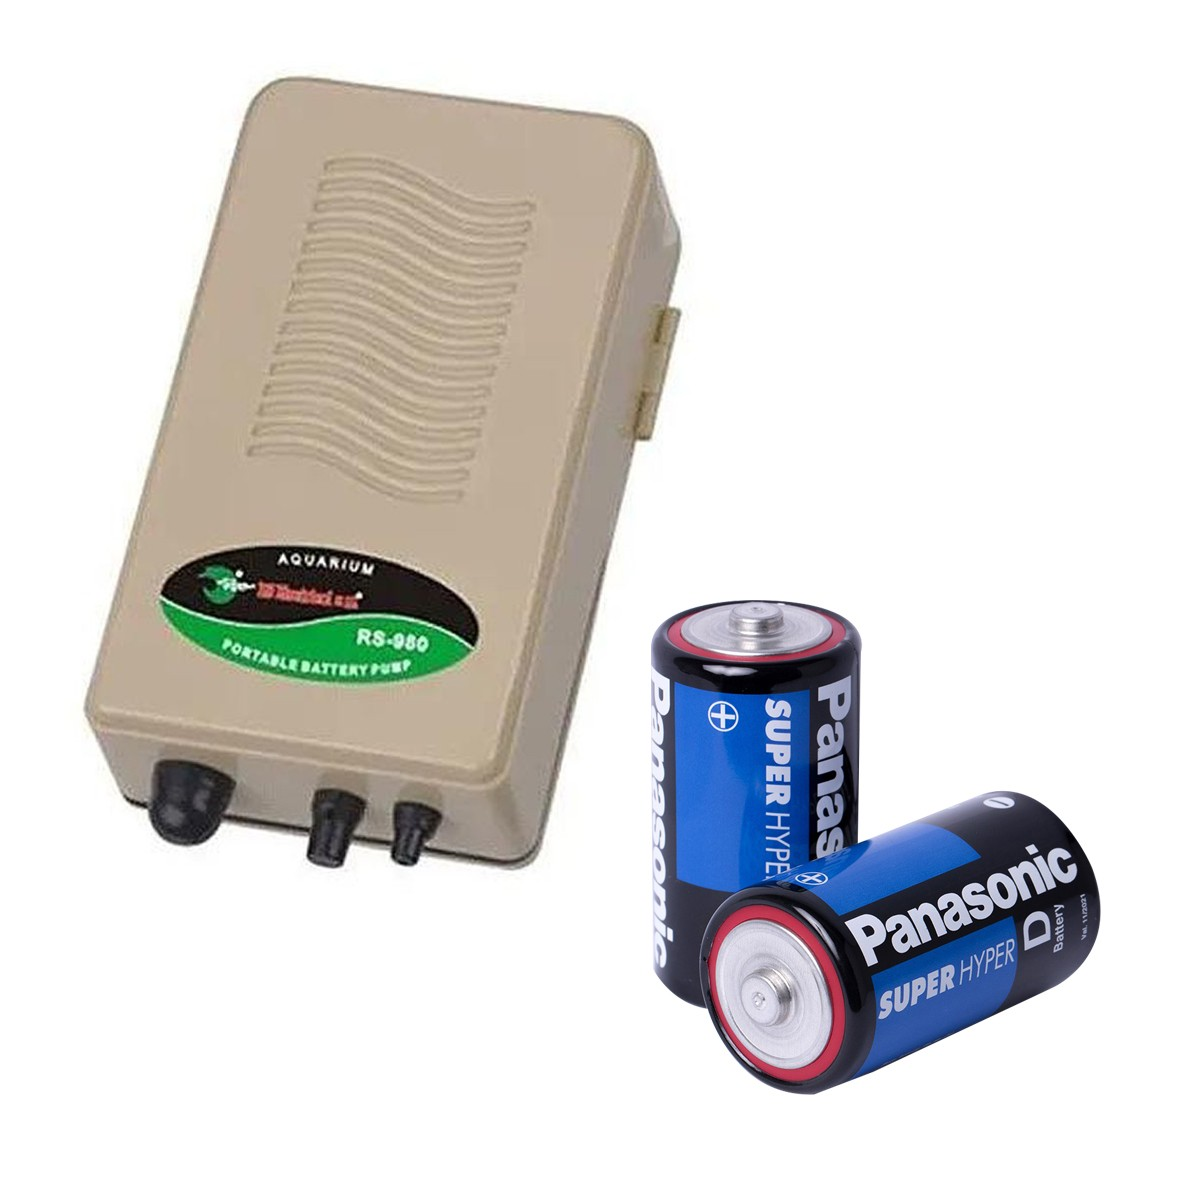 Compressor de Ar RS Electrical RS 980 + Pilha para Aquários